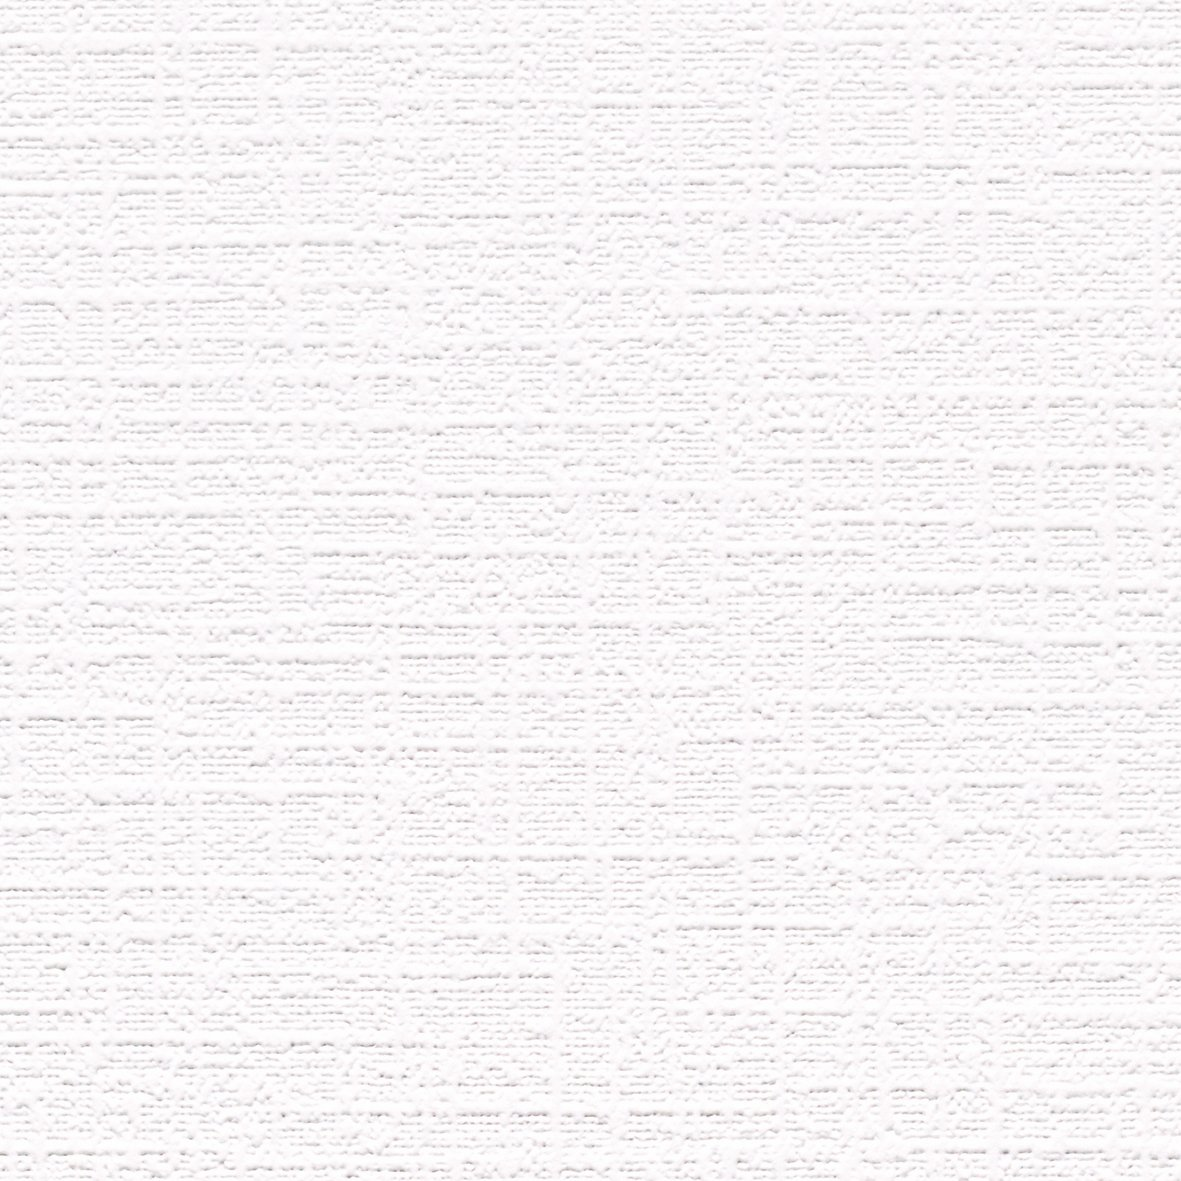 リリカラ 壁紙47m シンフル 織物調 ホワイト 織物調 LB-9025 B01IHQKRBU 47m